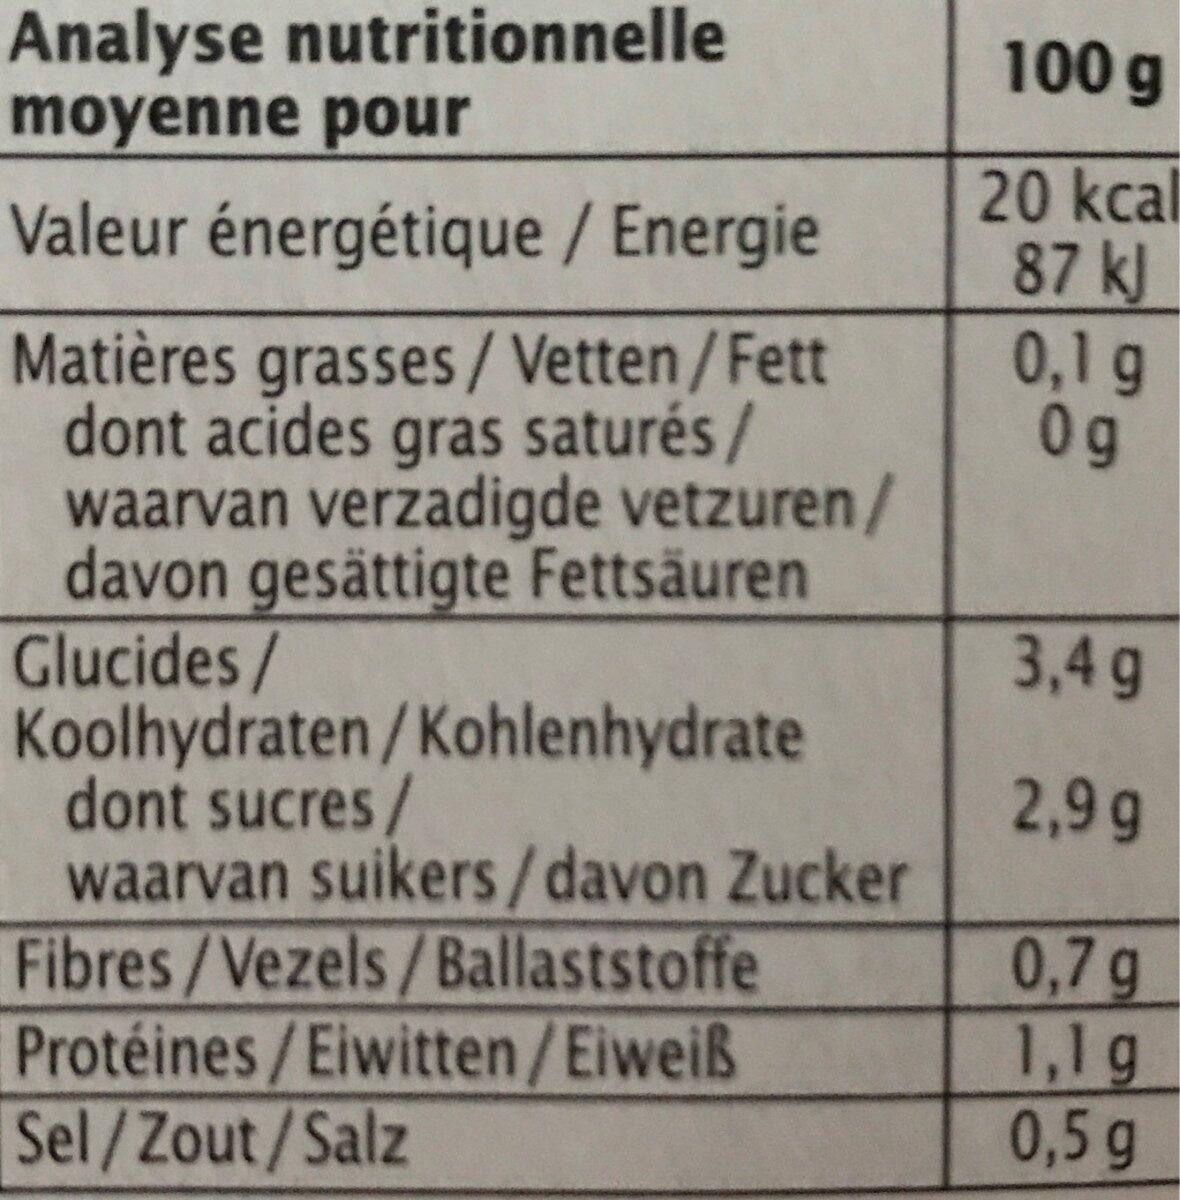 Purée de tomates - Informations nutritionnelles - fr